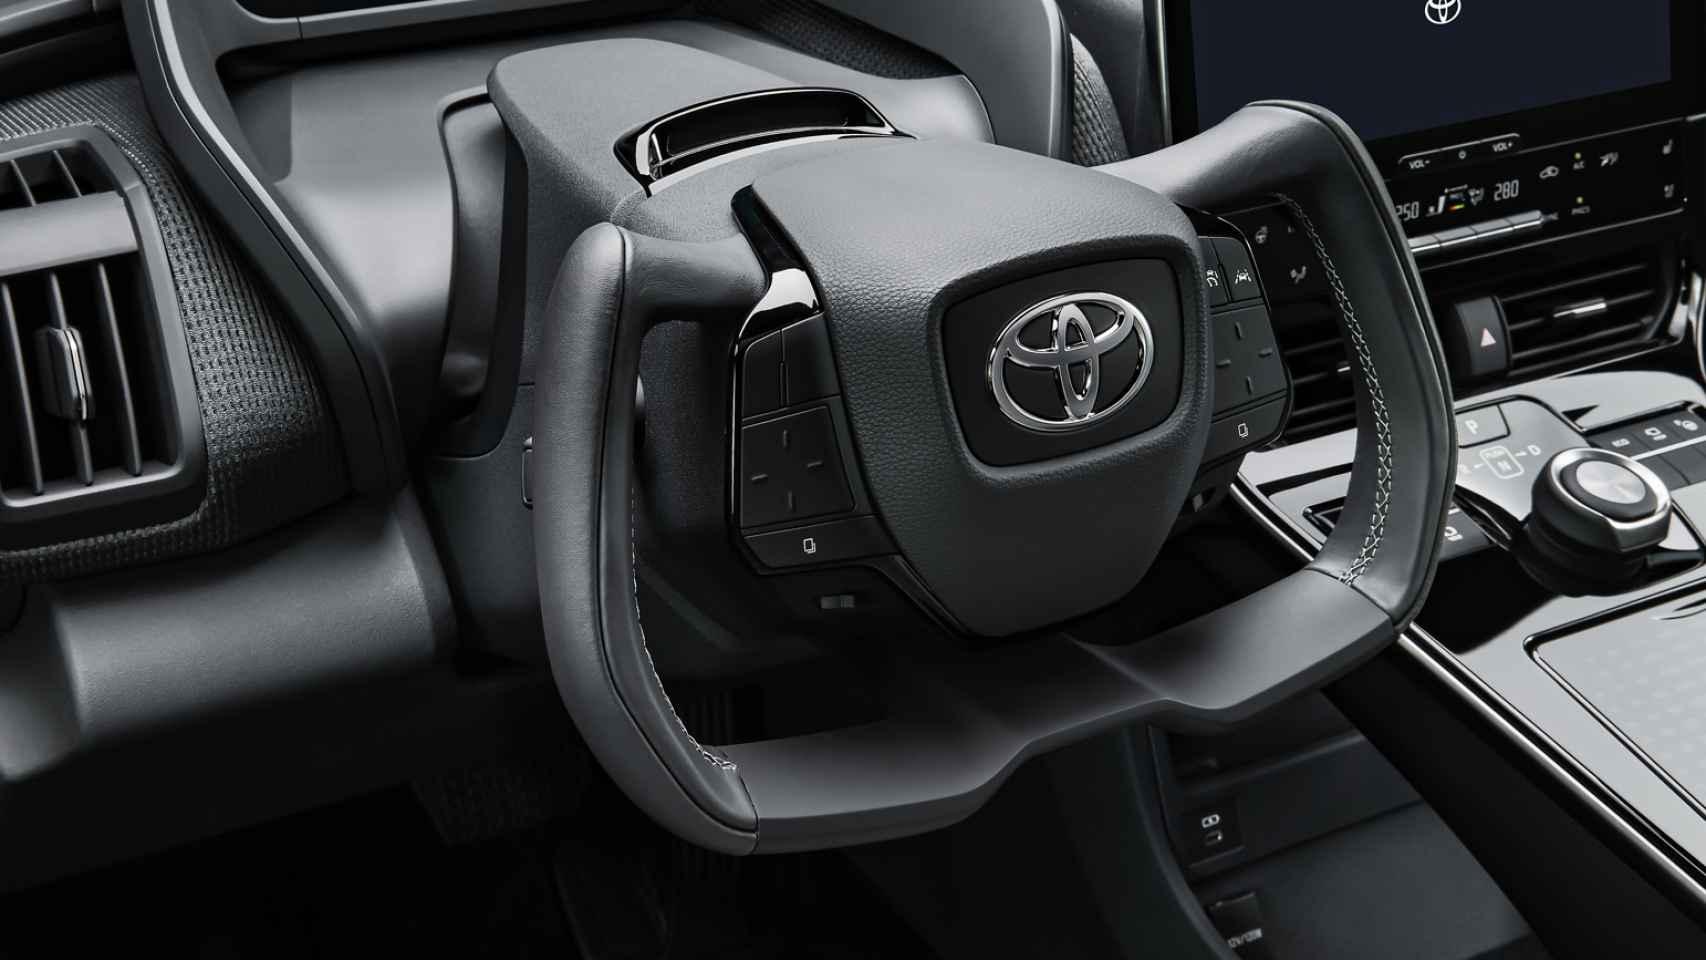 Así será el volante (cortado por la mitad) de tu próximo coche: Toyota, Lexus y Tesla ya lo tienen